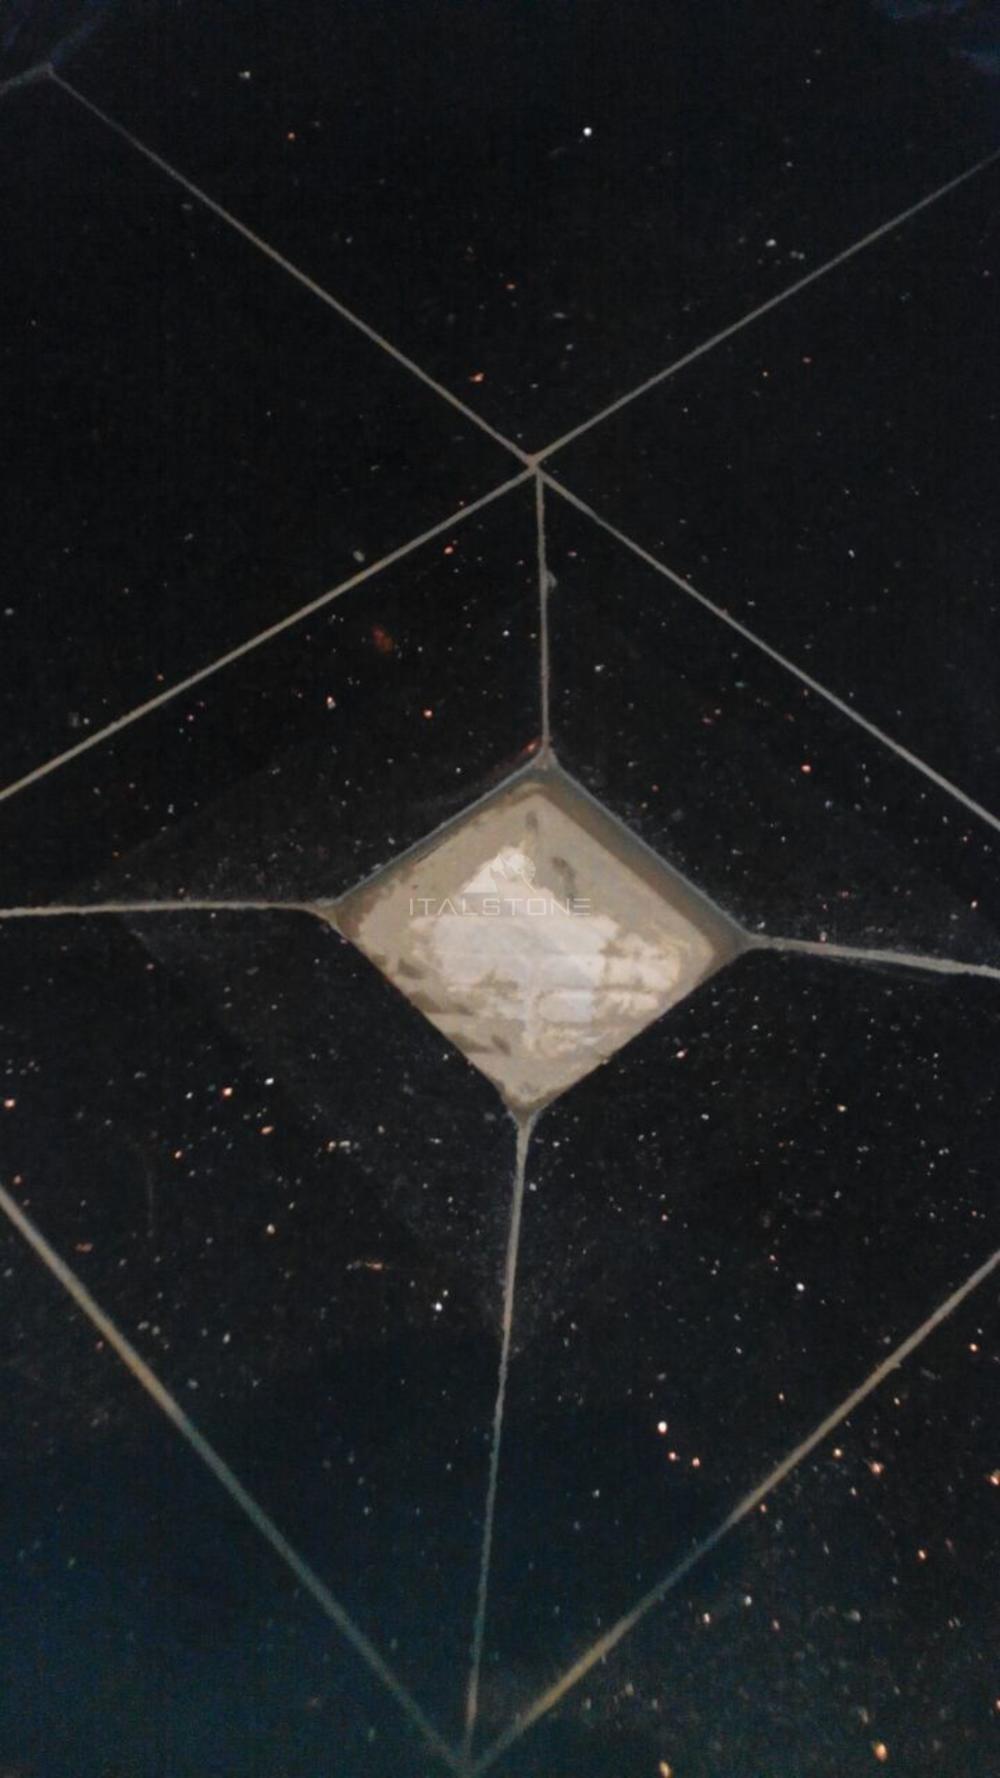 Укладка гранитной плитки Star Galaxy в душевую